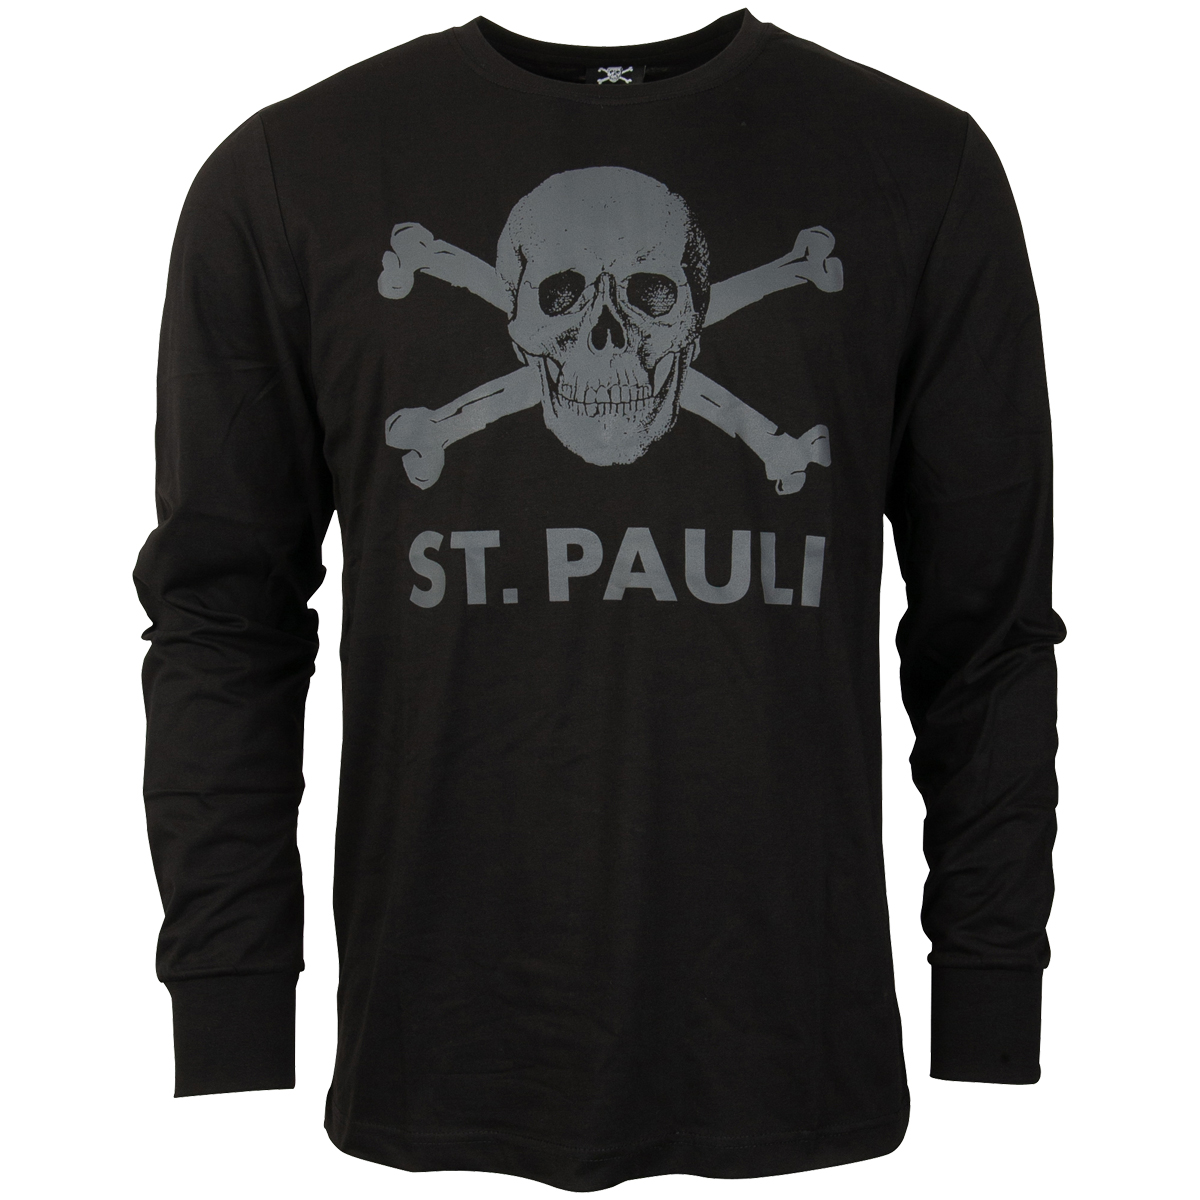 FC St. Pauli - Longsleeve Totenkopf - schwarz